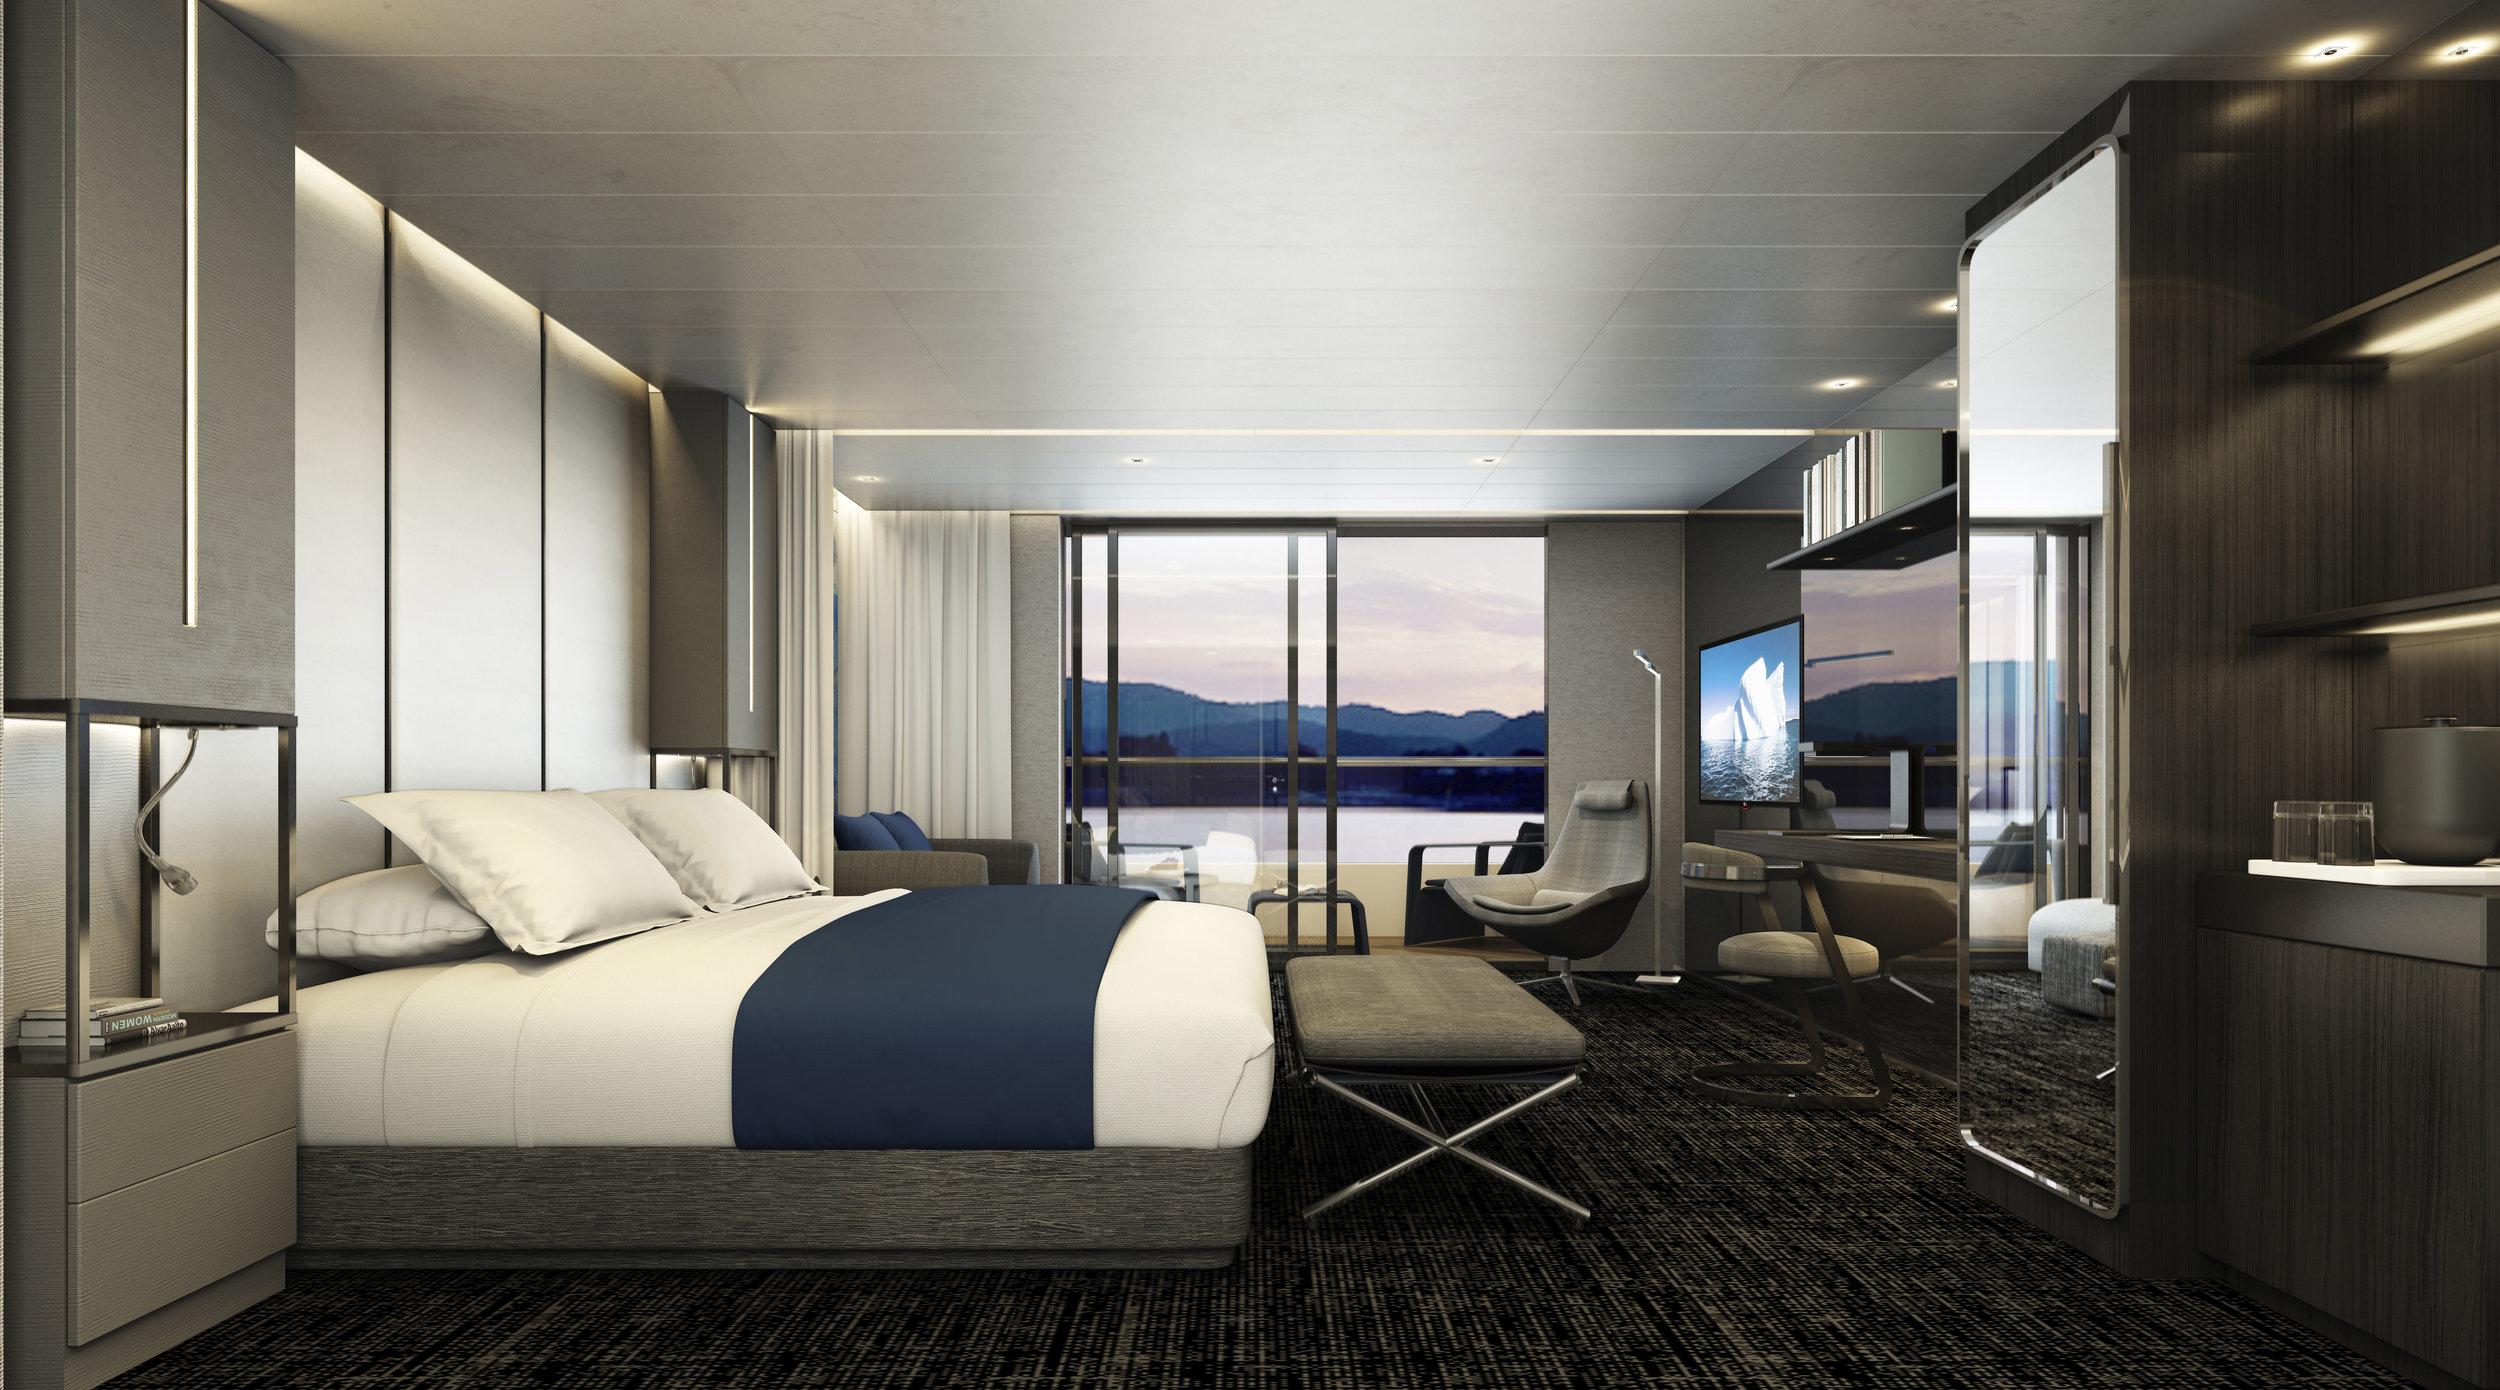 Scenic-Eclipse-Deluxe-Verandah-Suite-Bedroom.jpg